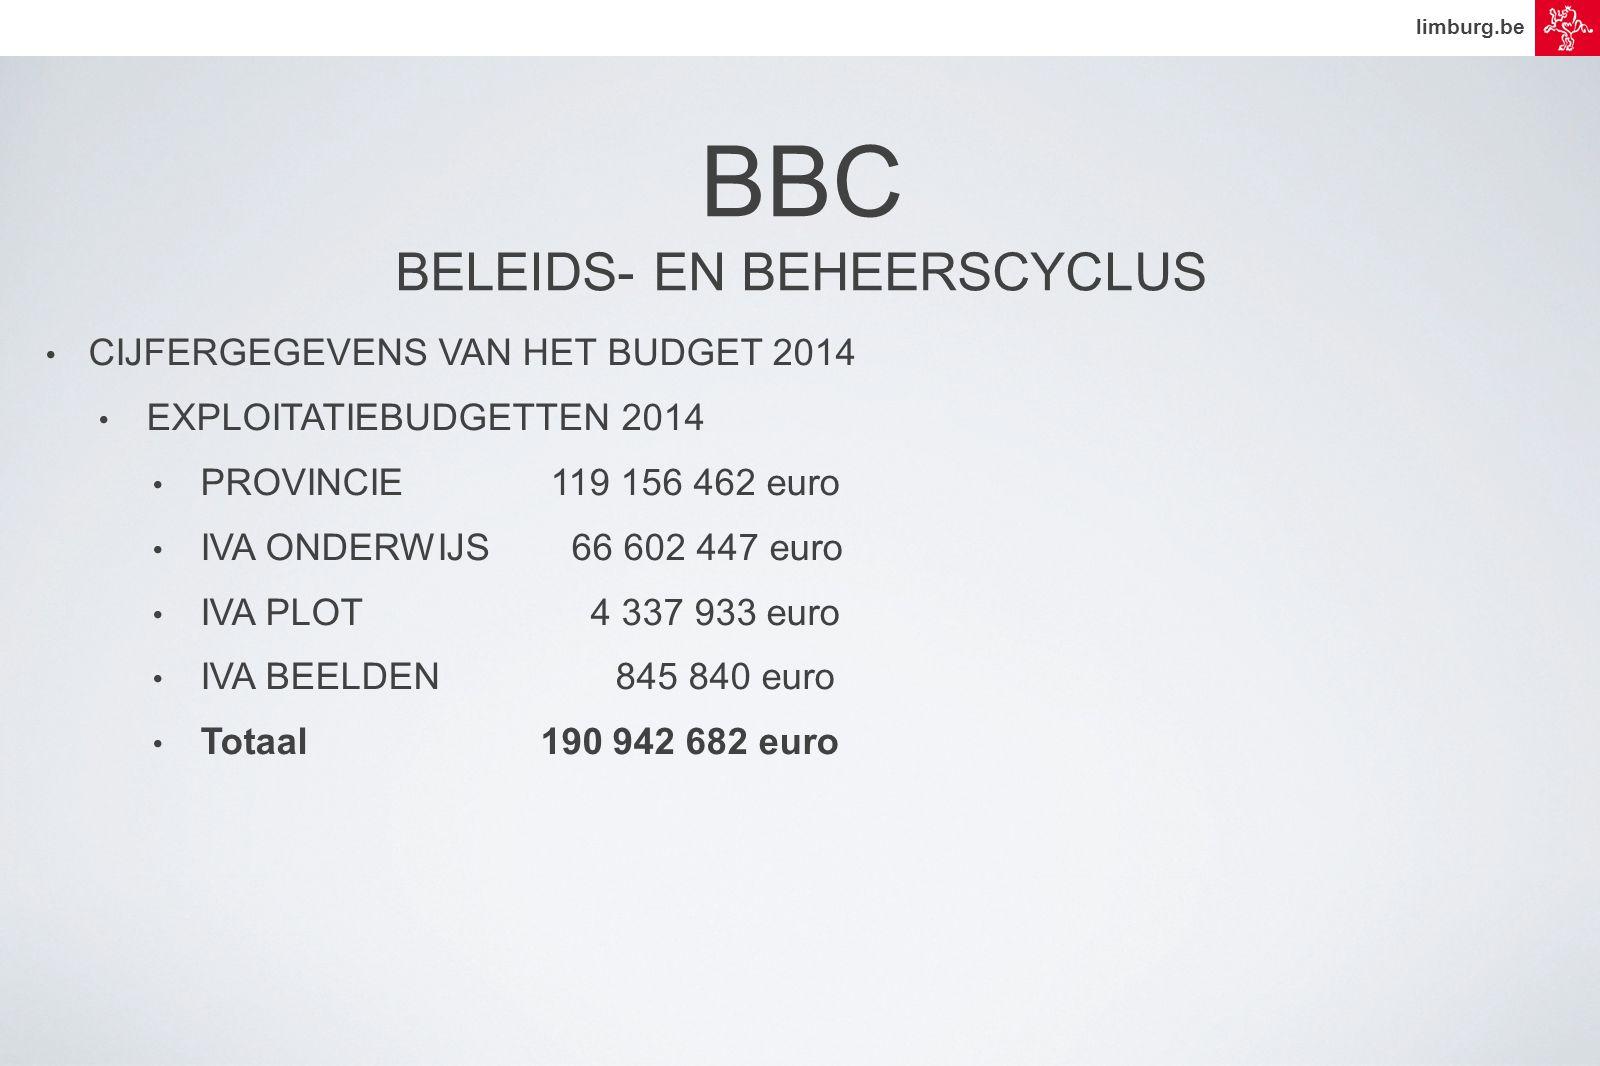 limburg.be • CIJFERGEGEVENS VAN HET BUDGET 2014 • EXPLOITATIEBUDGETTEN 2014 • PROVINCIE 119 156 462 euro • IVA ONDERWIJS 66 602 447 euro • IVA PLOT 4 337 933 euro • IVA BEELDEN 845 840 euro • Totaal 190 942 682 euro BBC BELEIDS- EN BEHEERSCYCLUS